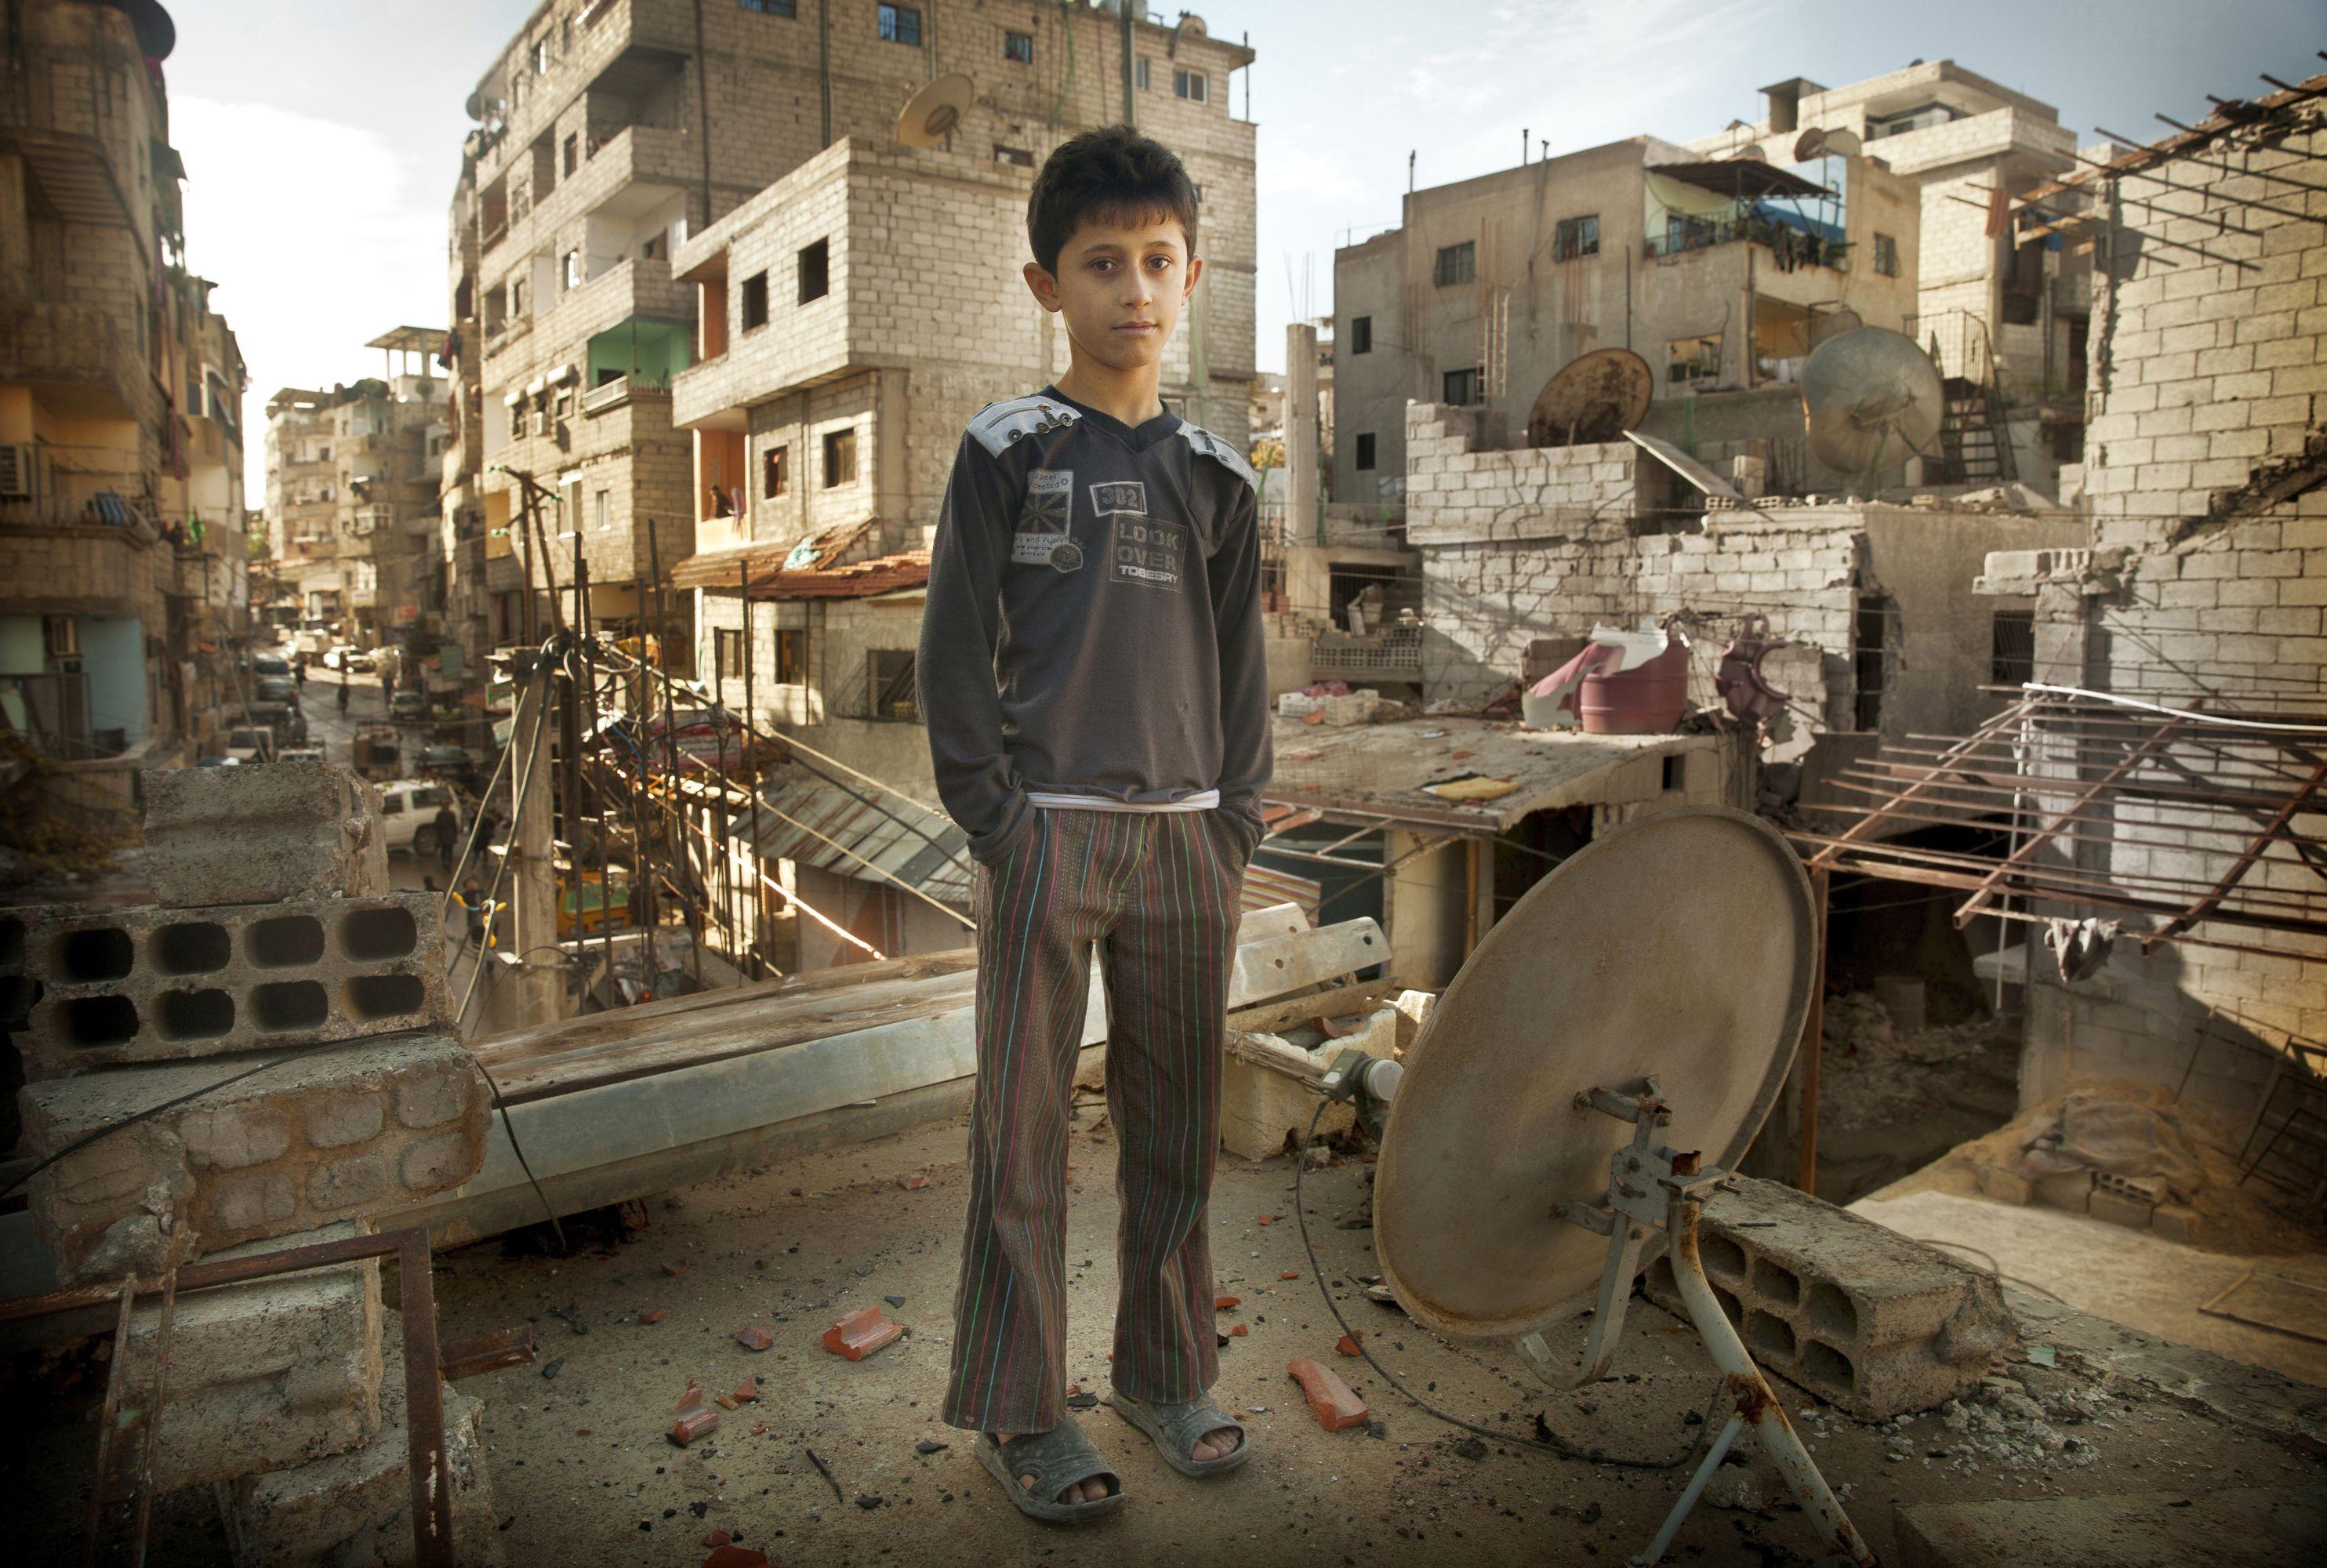 Kleiner Junge auf einem zerstörten Haus in Syriens Hauptstadt Damaskus. Foto: KIRCHE IN NOT/Carole AlFarah